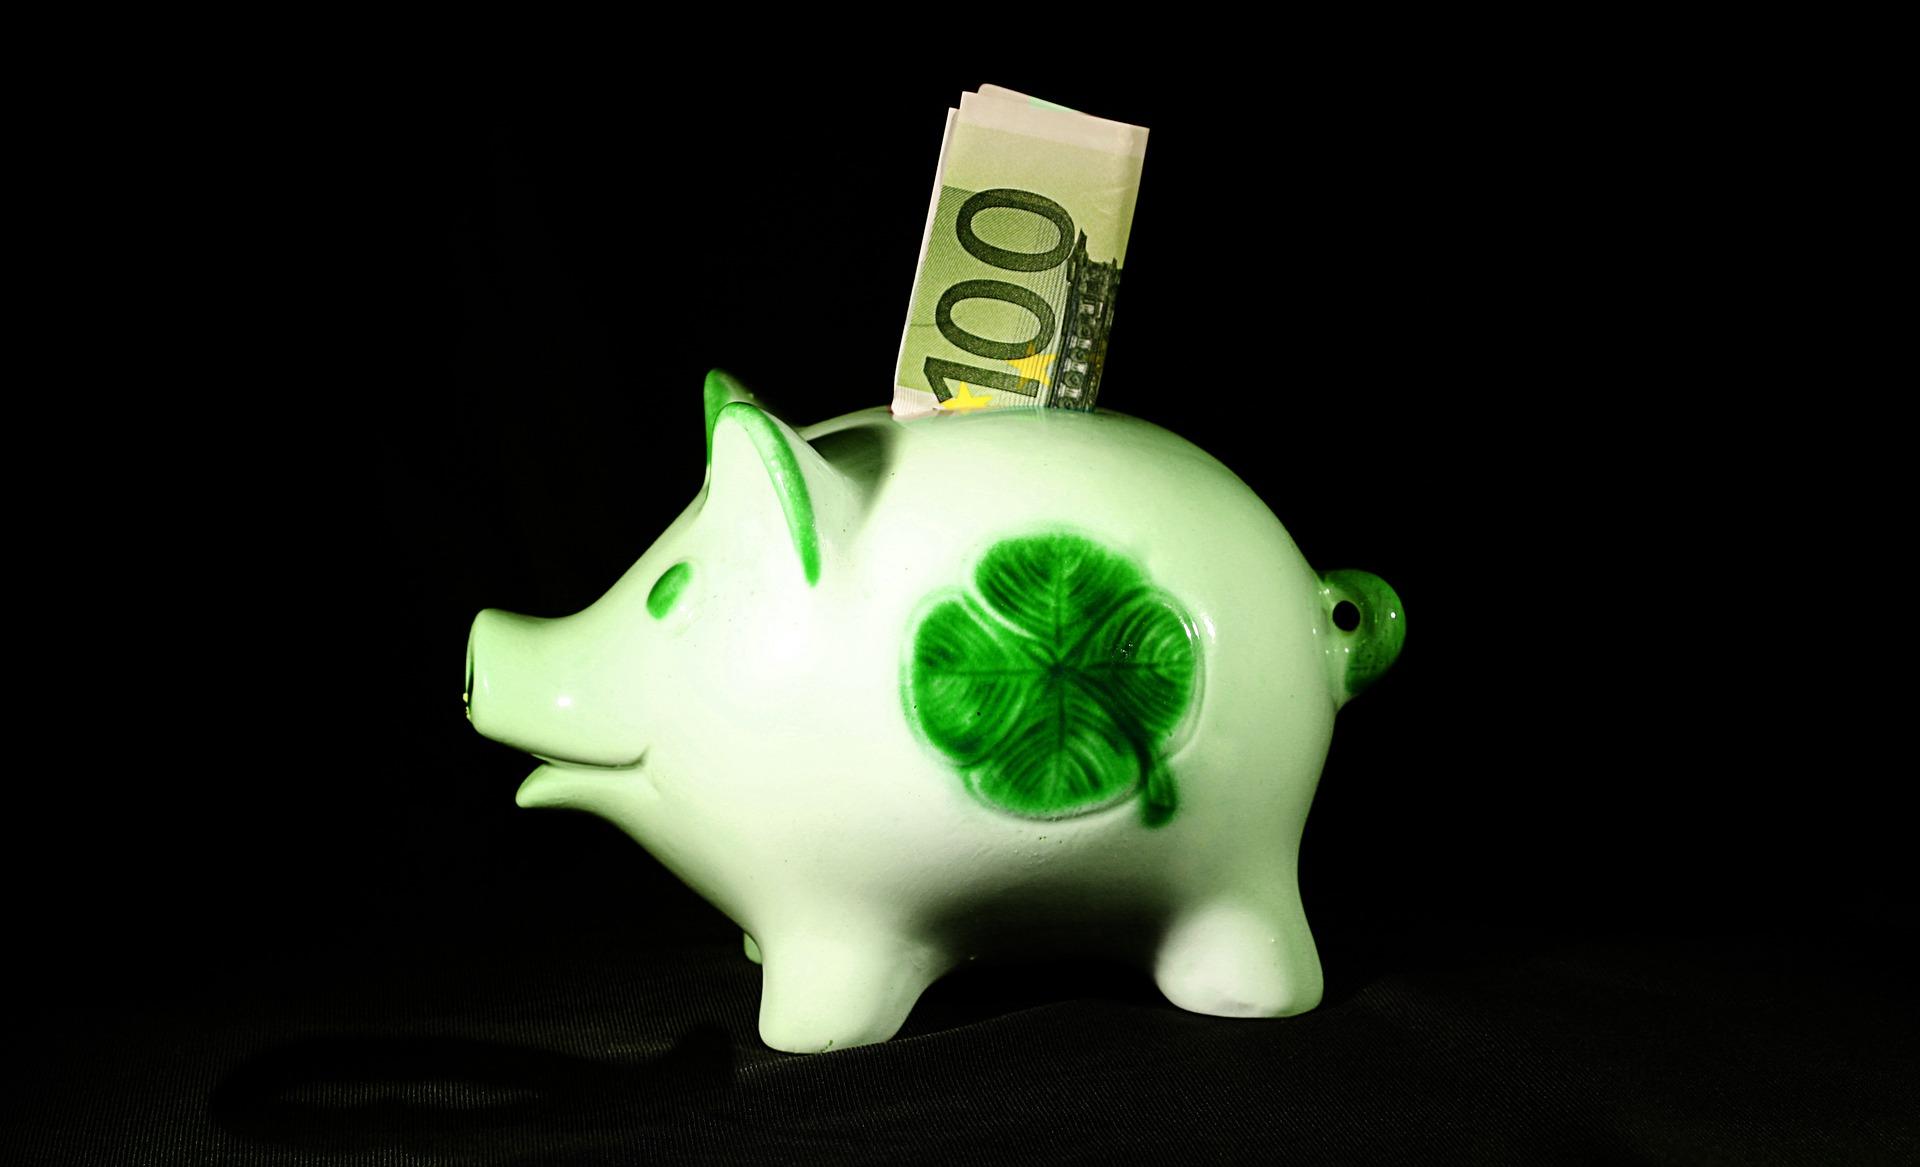 Poupança organizar as finanças pessoais